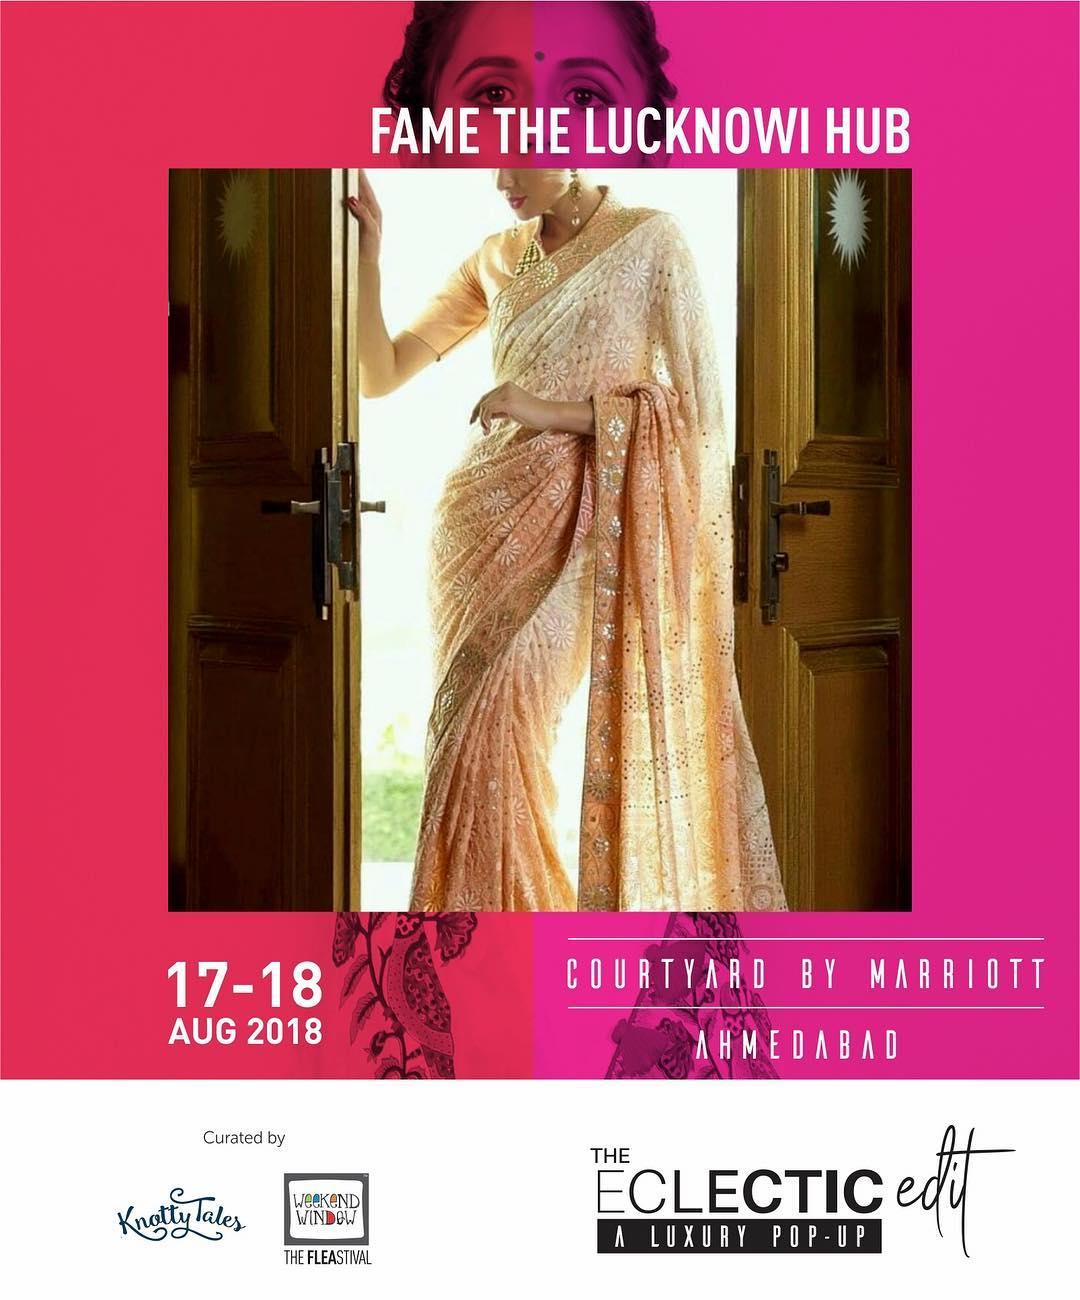 Weekend Window,  dresstoimpress, theeclecticedit, style, luxurylifestyle, ethnic, ahmedabad, latestfashion, knottytales, weekendwindow